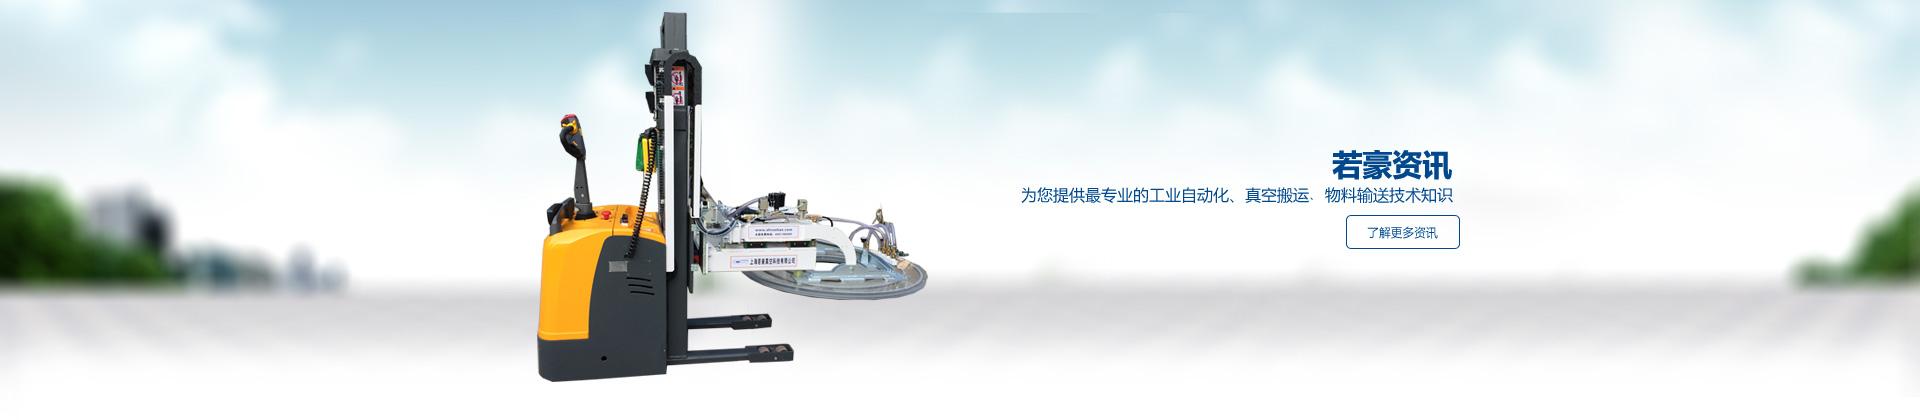 真空吸吊ji,气管吸吊ji,真空吸pan吊具,卷料ban运车选择上海九州dian玩真空科技